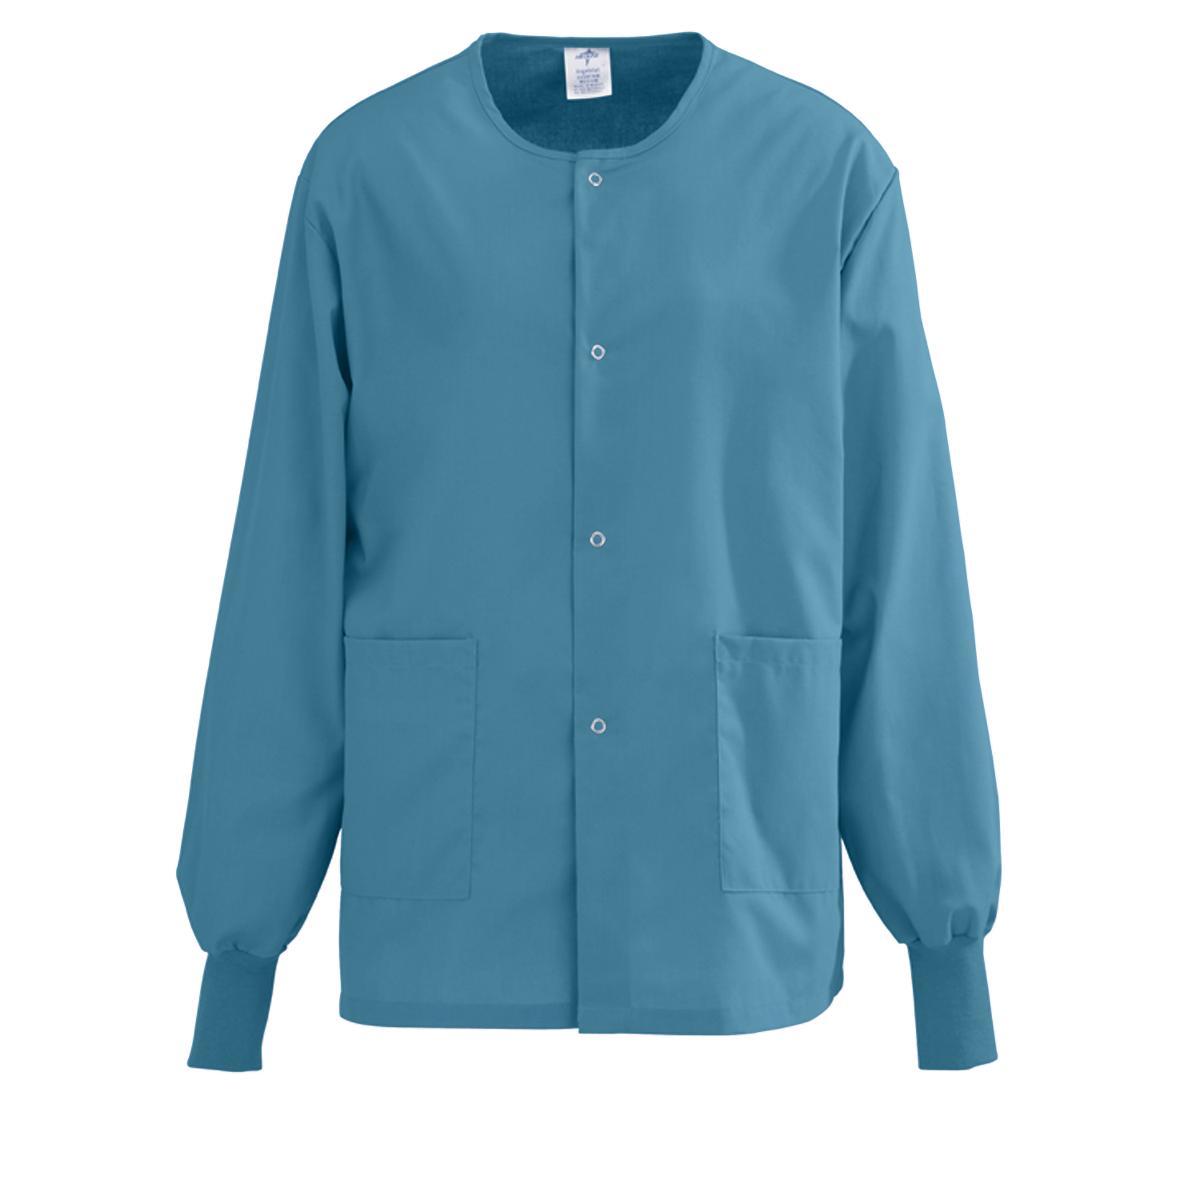 AngelStat Unisex Warm-up Jacket